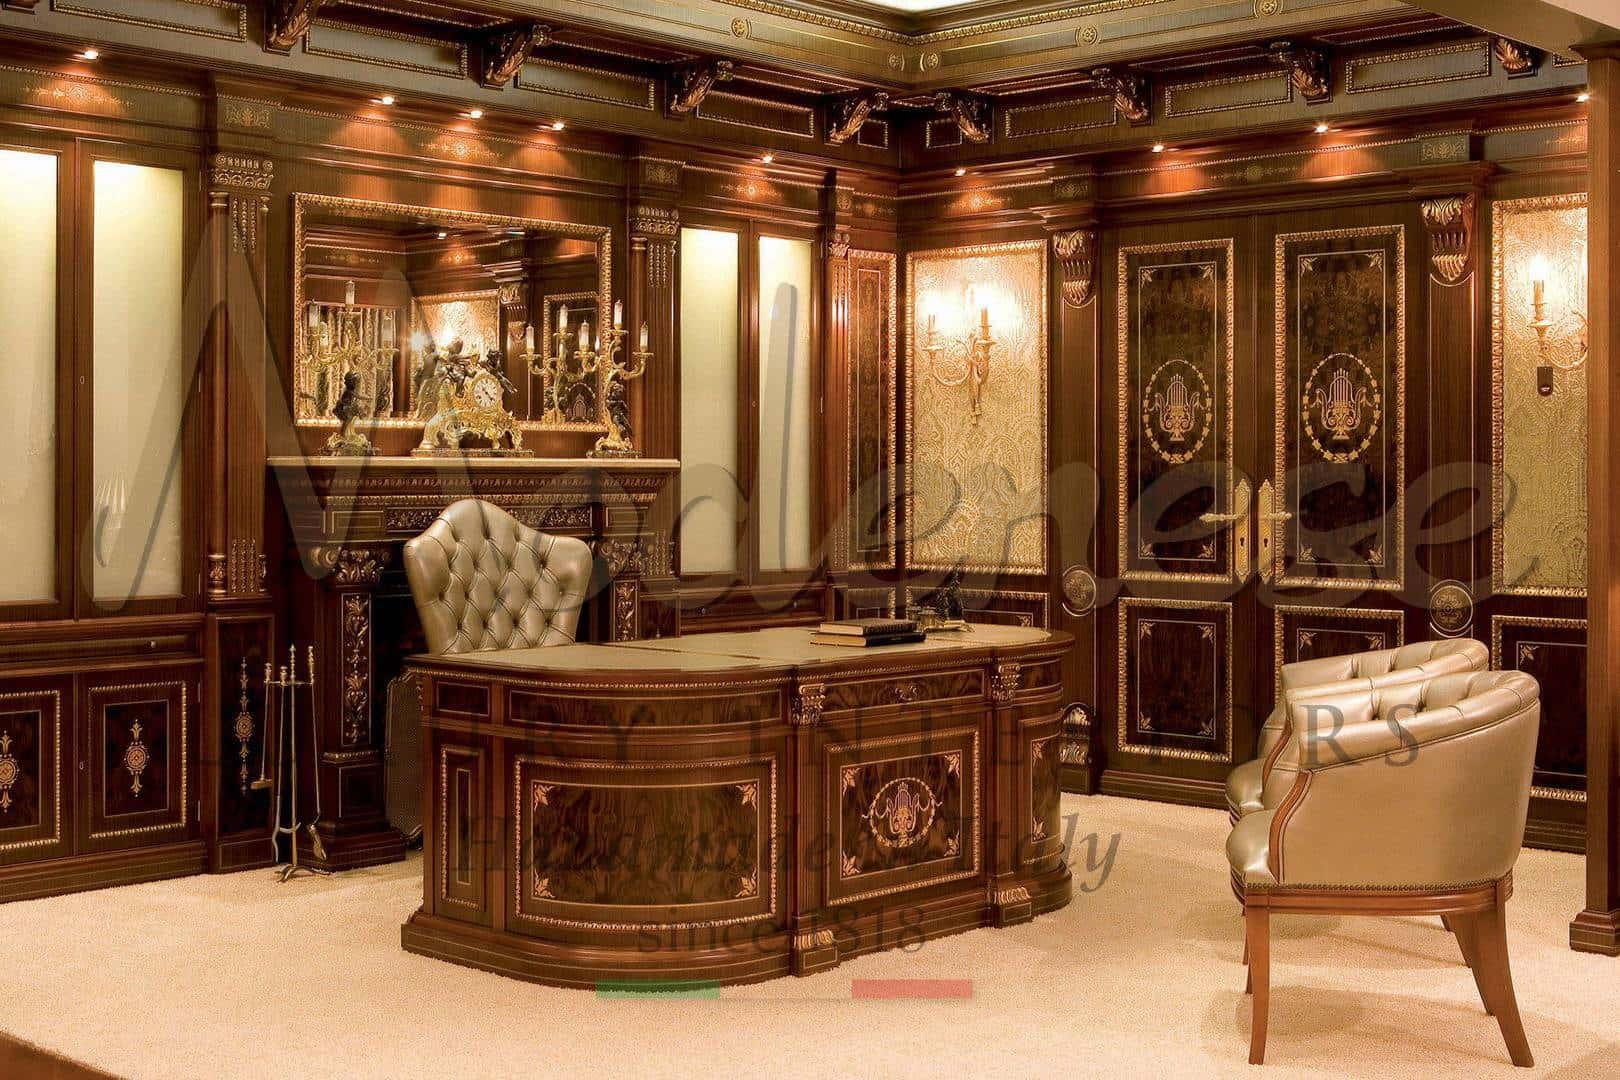 идеи проектировки оформения личного кабинета домашний роскошный офис рабочее место в классическом стиле дизайн проект роскошных люксовых личных кабинетов классический итальянский роскошный офис дизайнерский кабинет на заказ дизайн проект роскошного личного кабинета идеи дизайна офиса